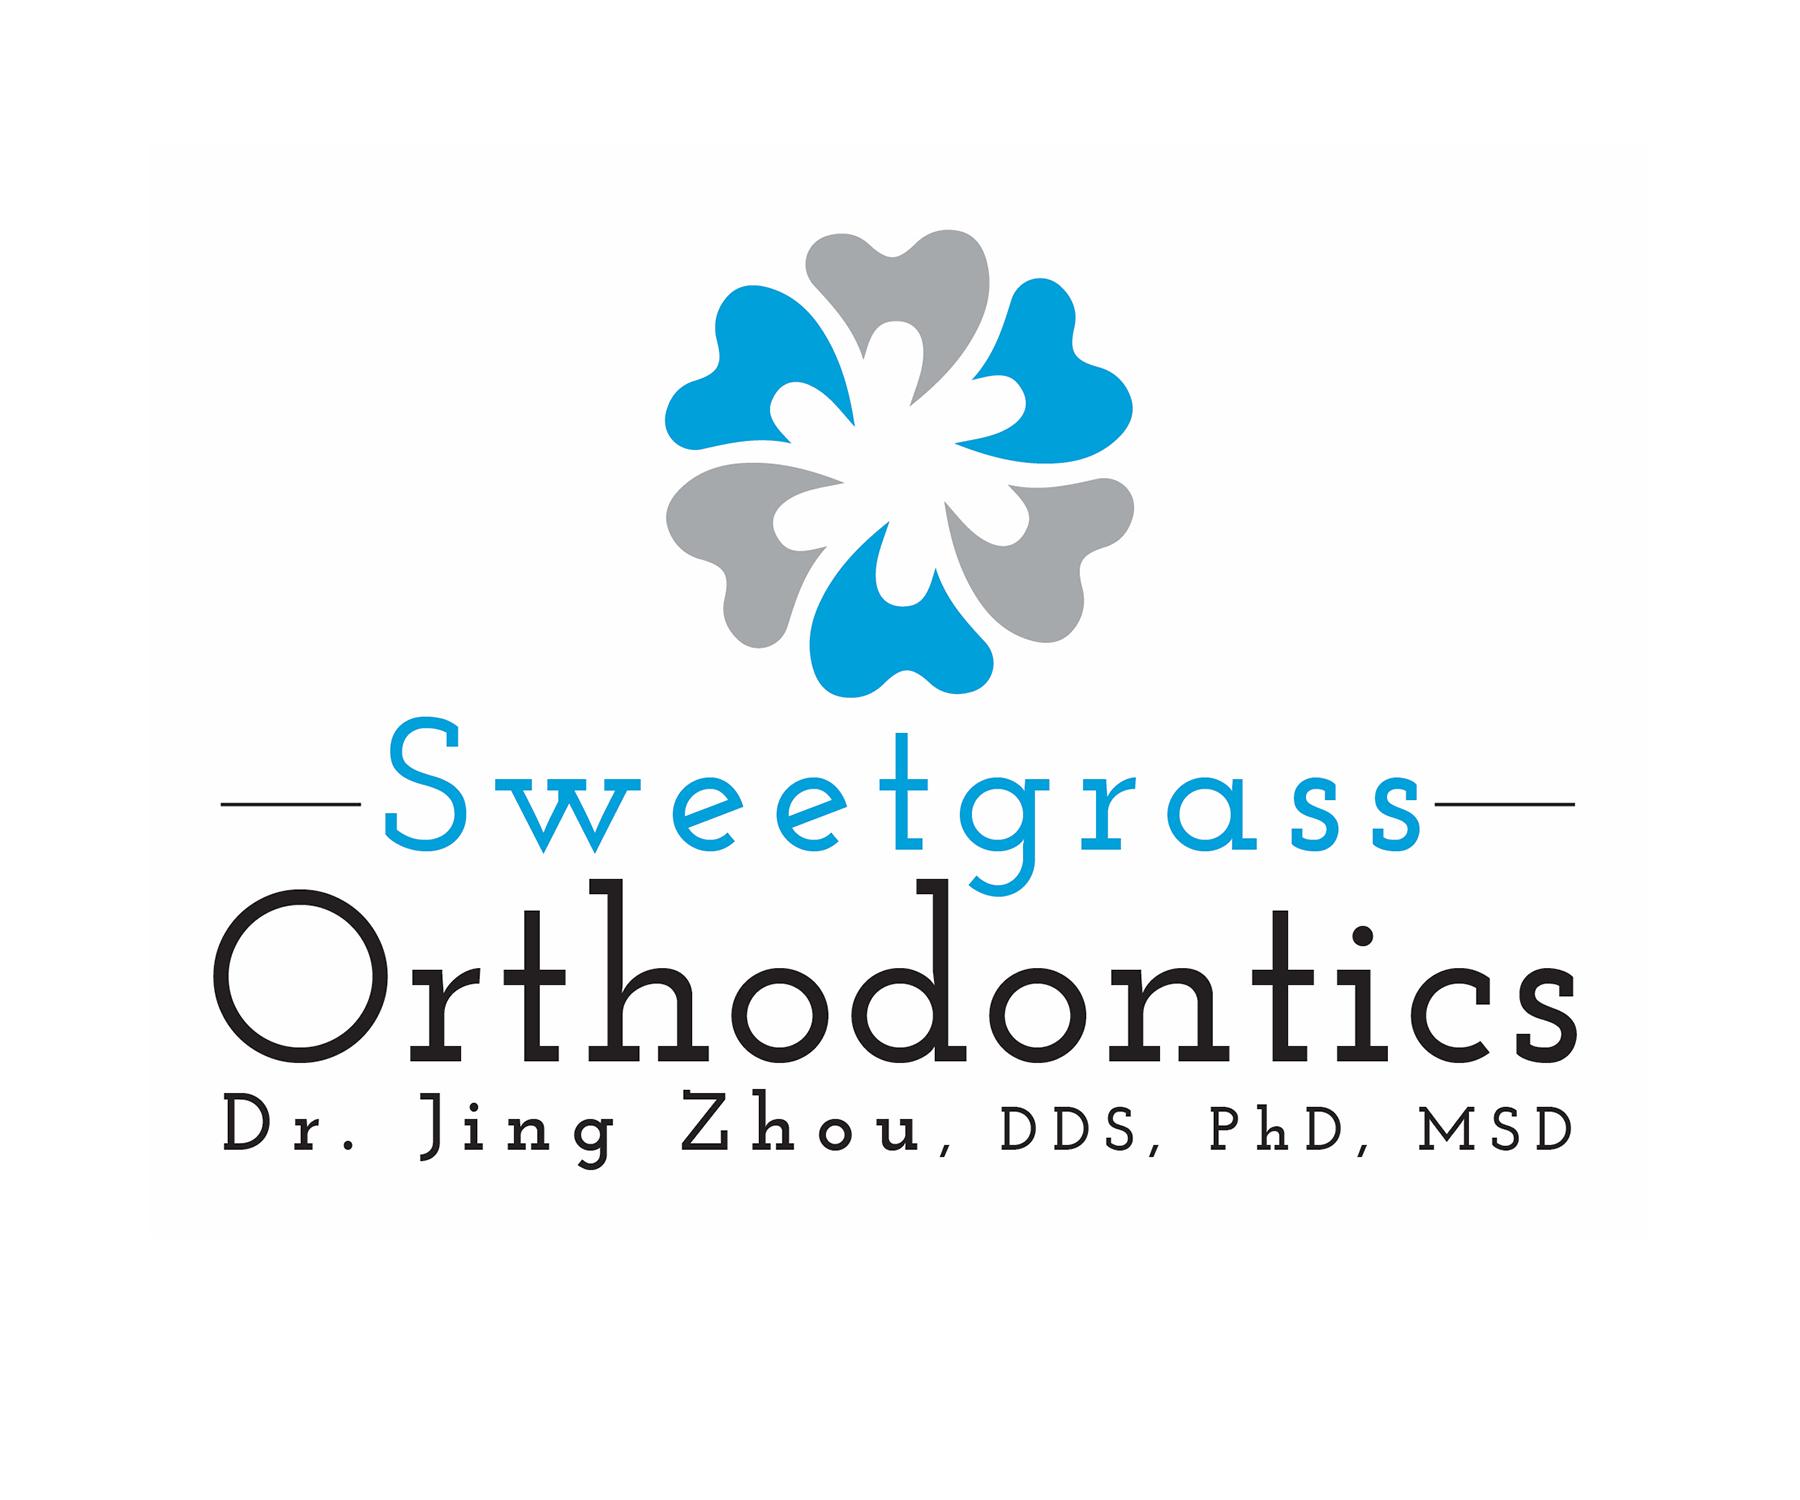 Sweetgrass Orthodontics